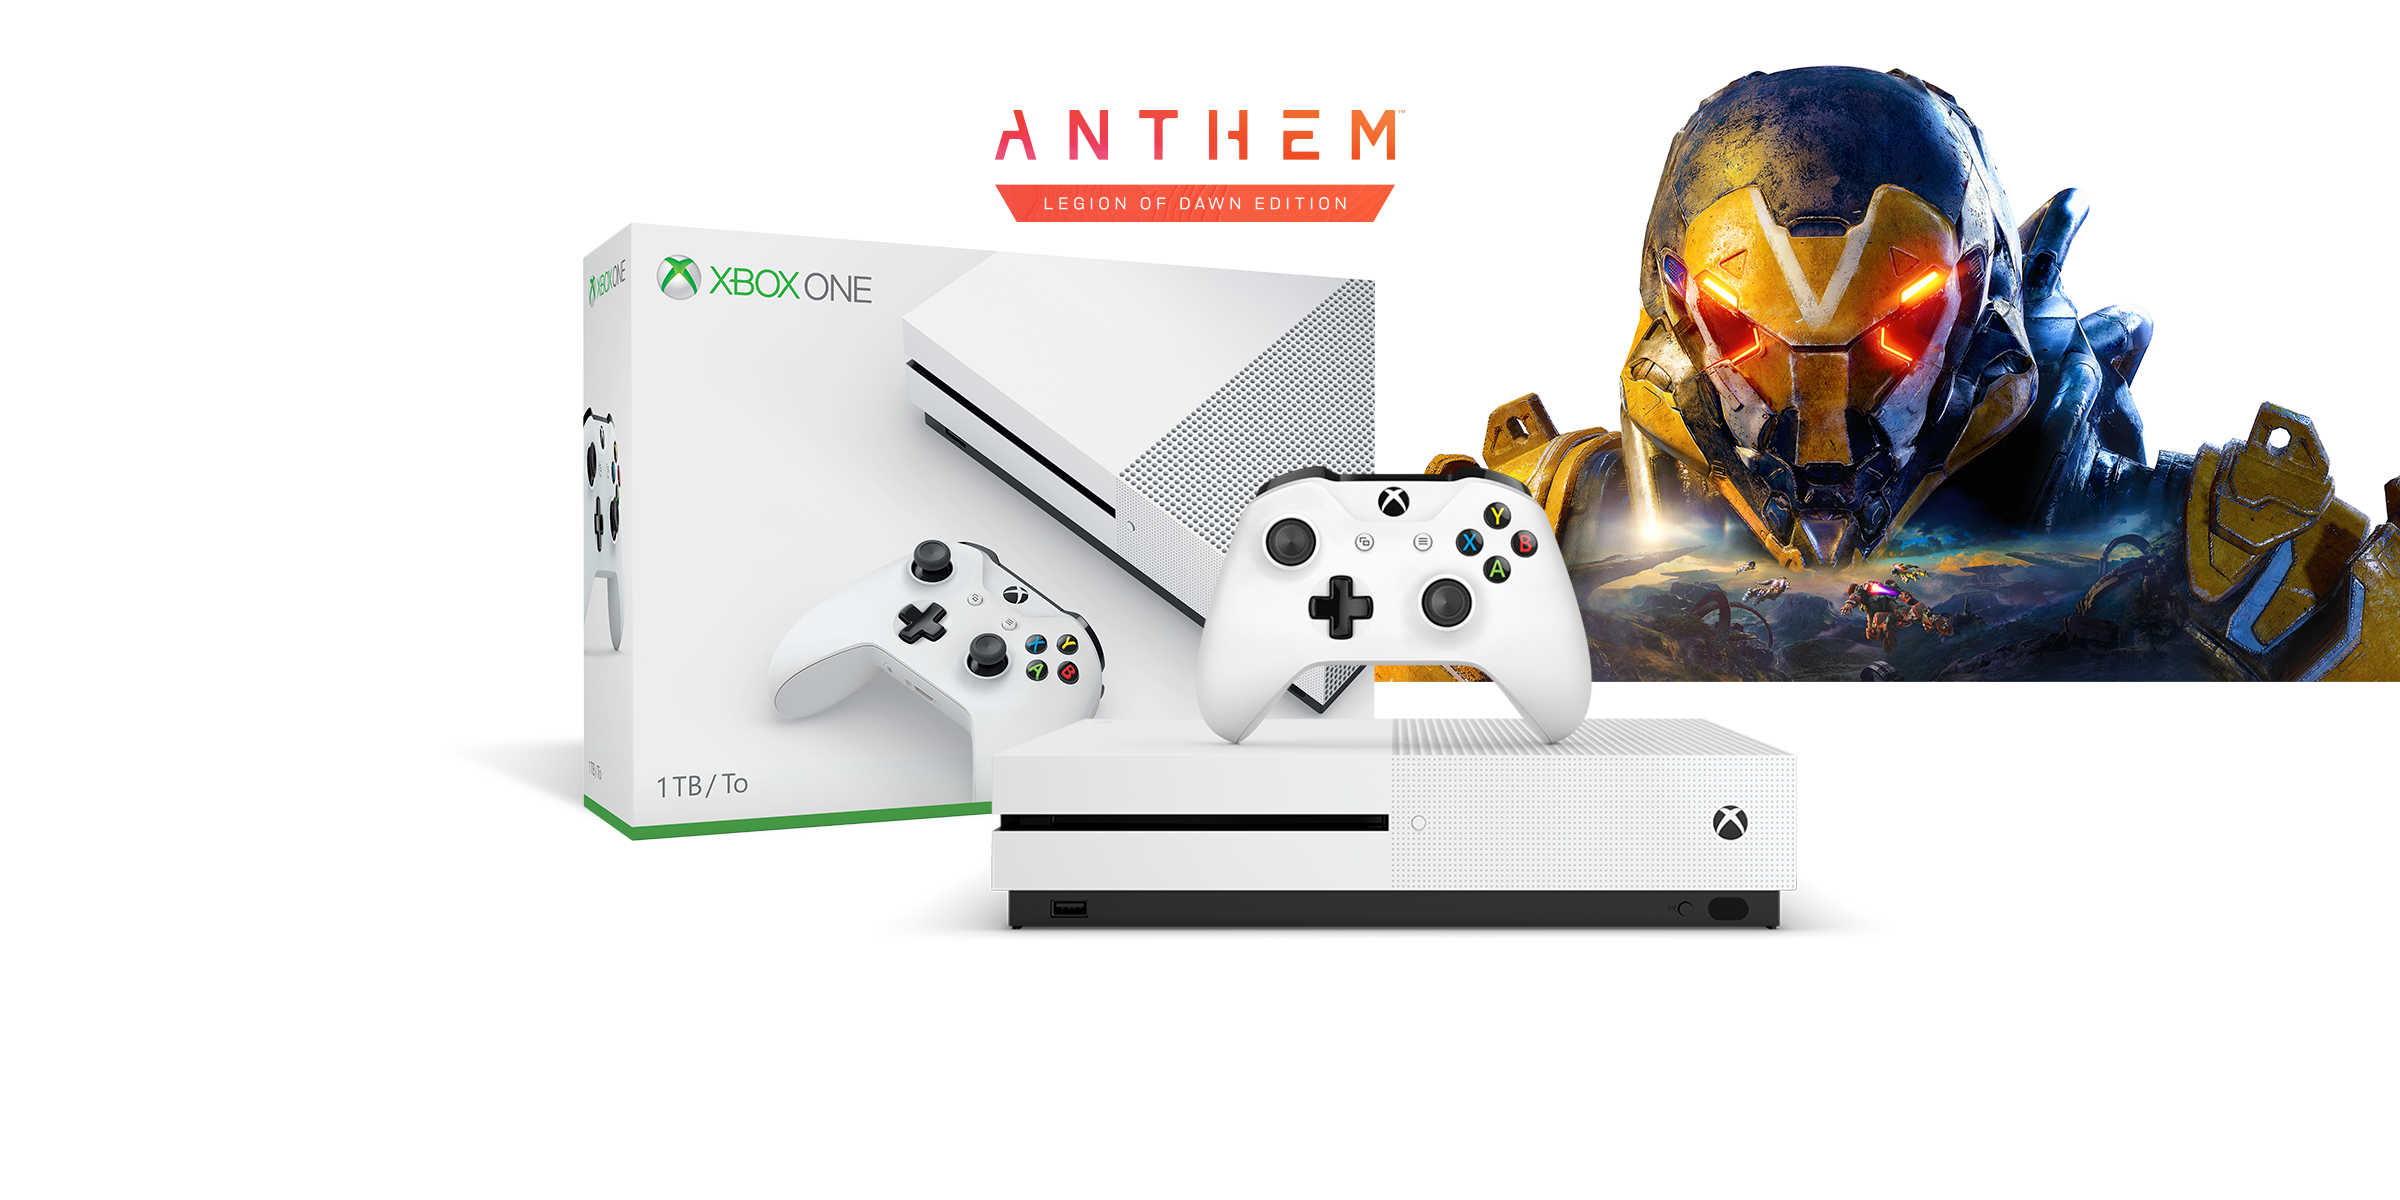 Xbox One S Anthem Bundle